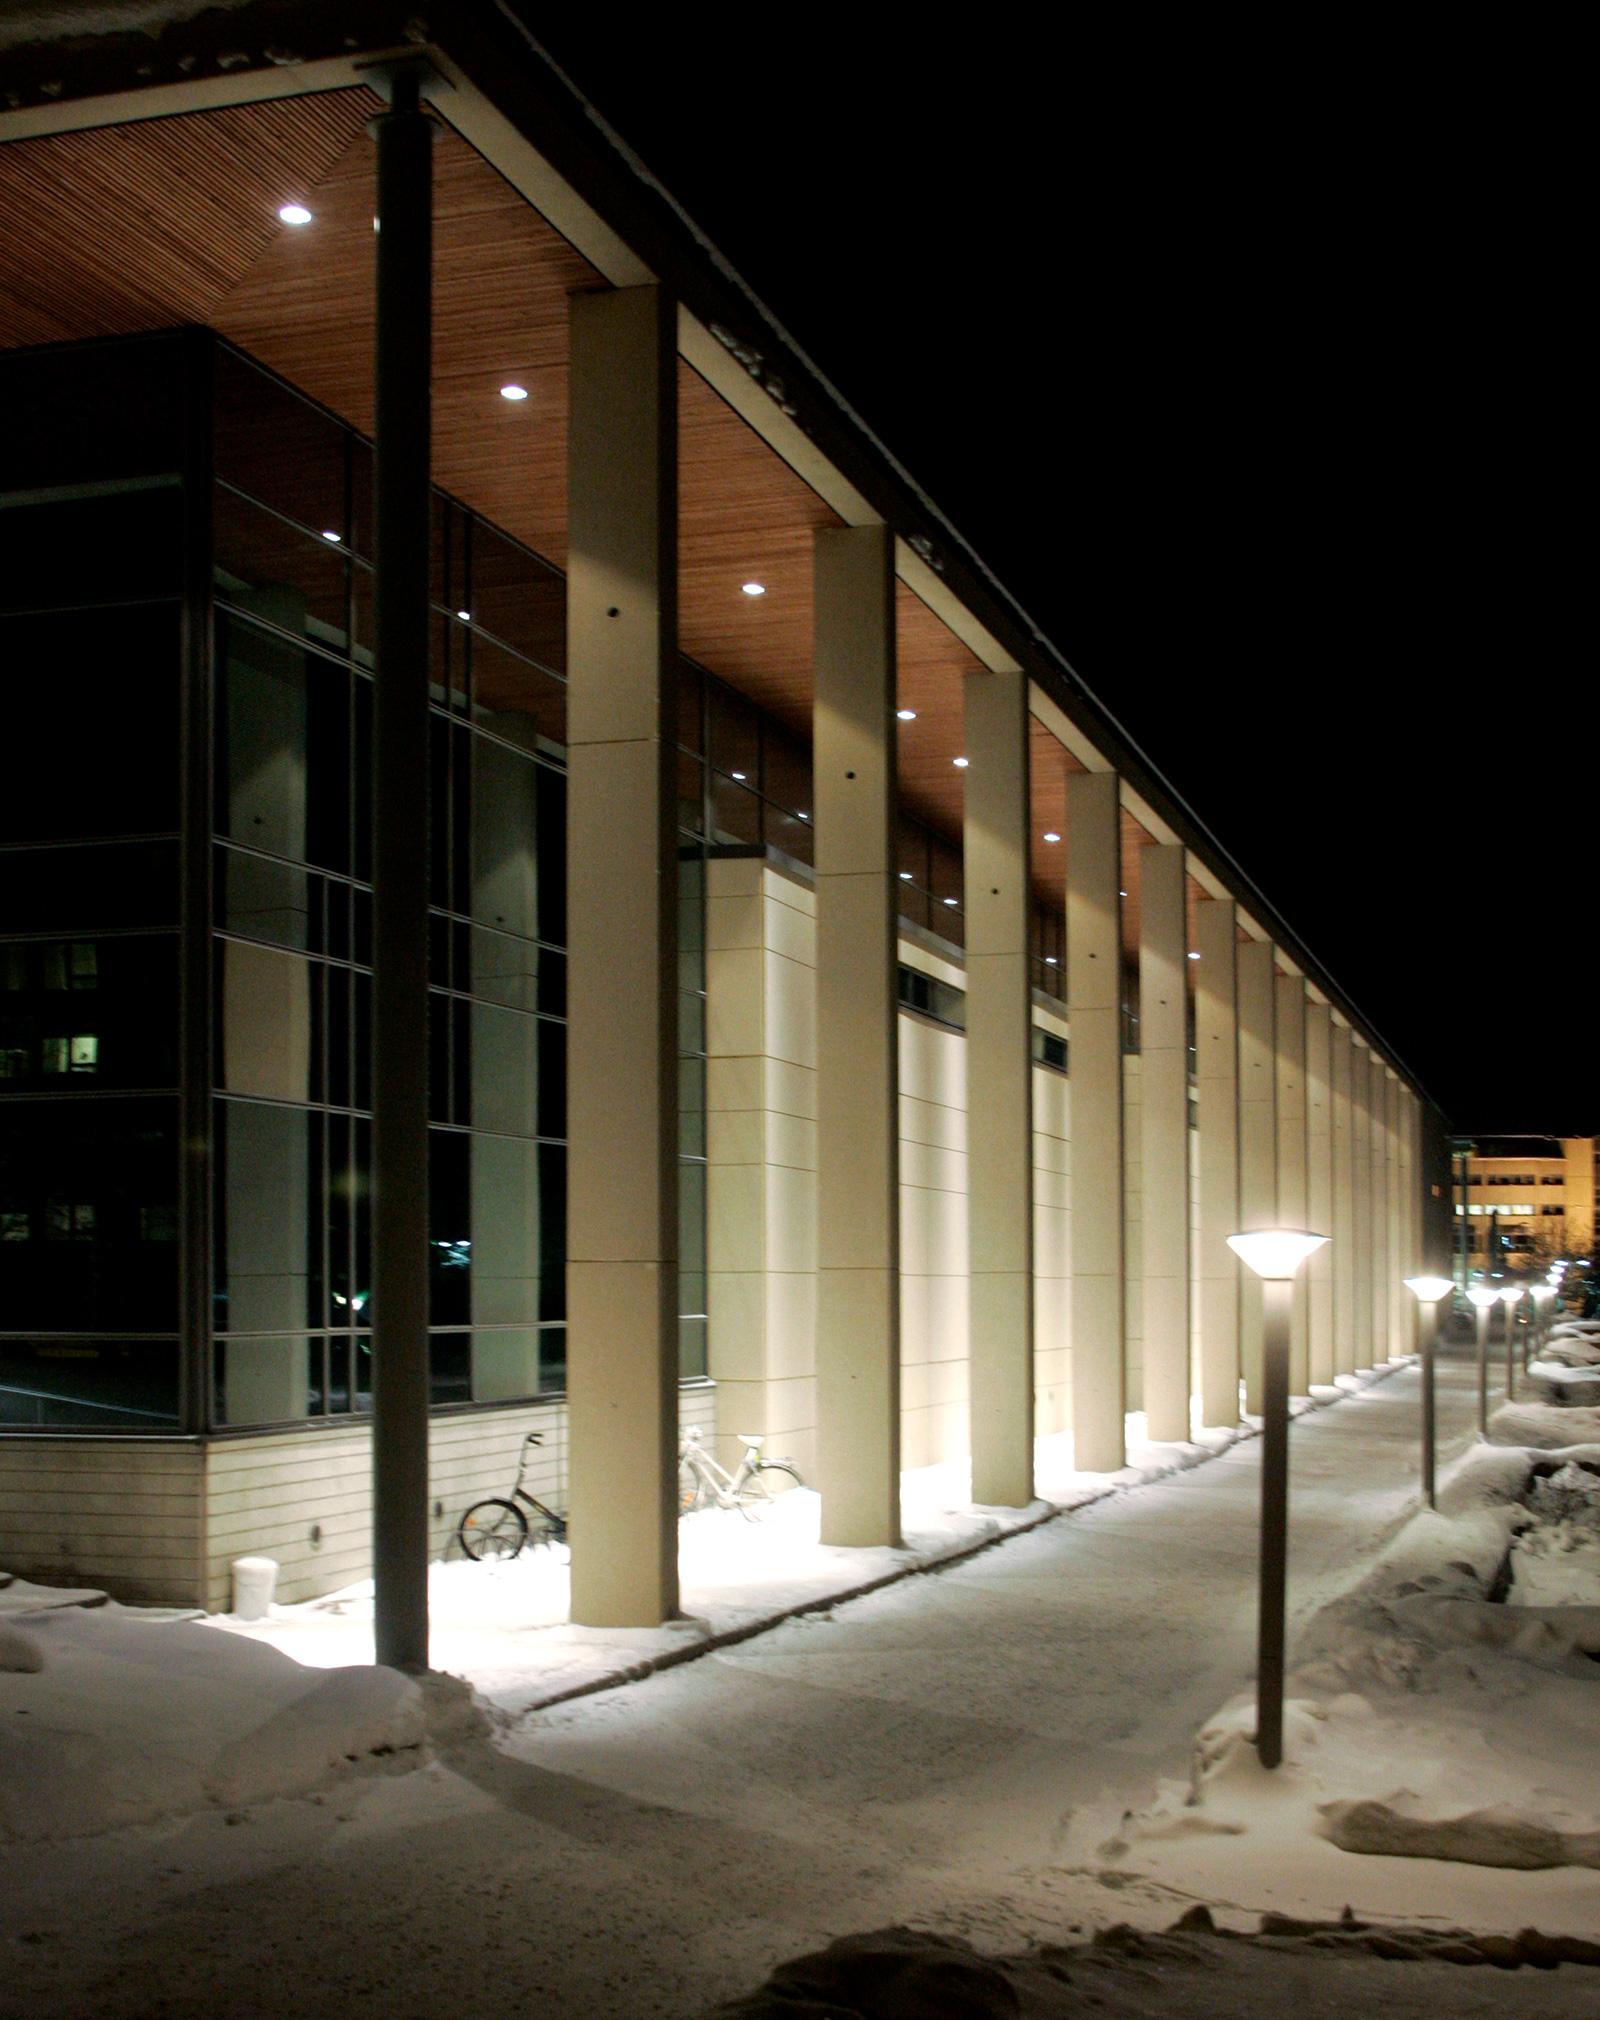 Korkeakoulunkatu 7, Pirkanmaa, Tampere